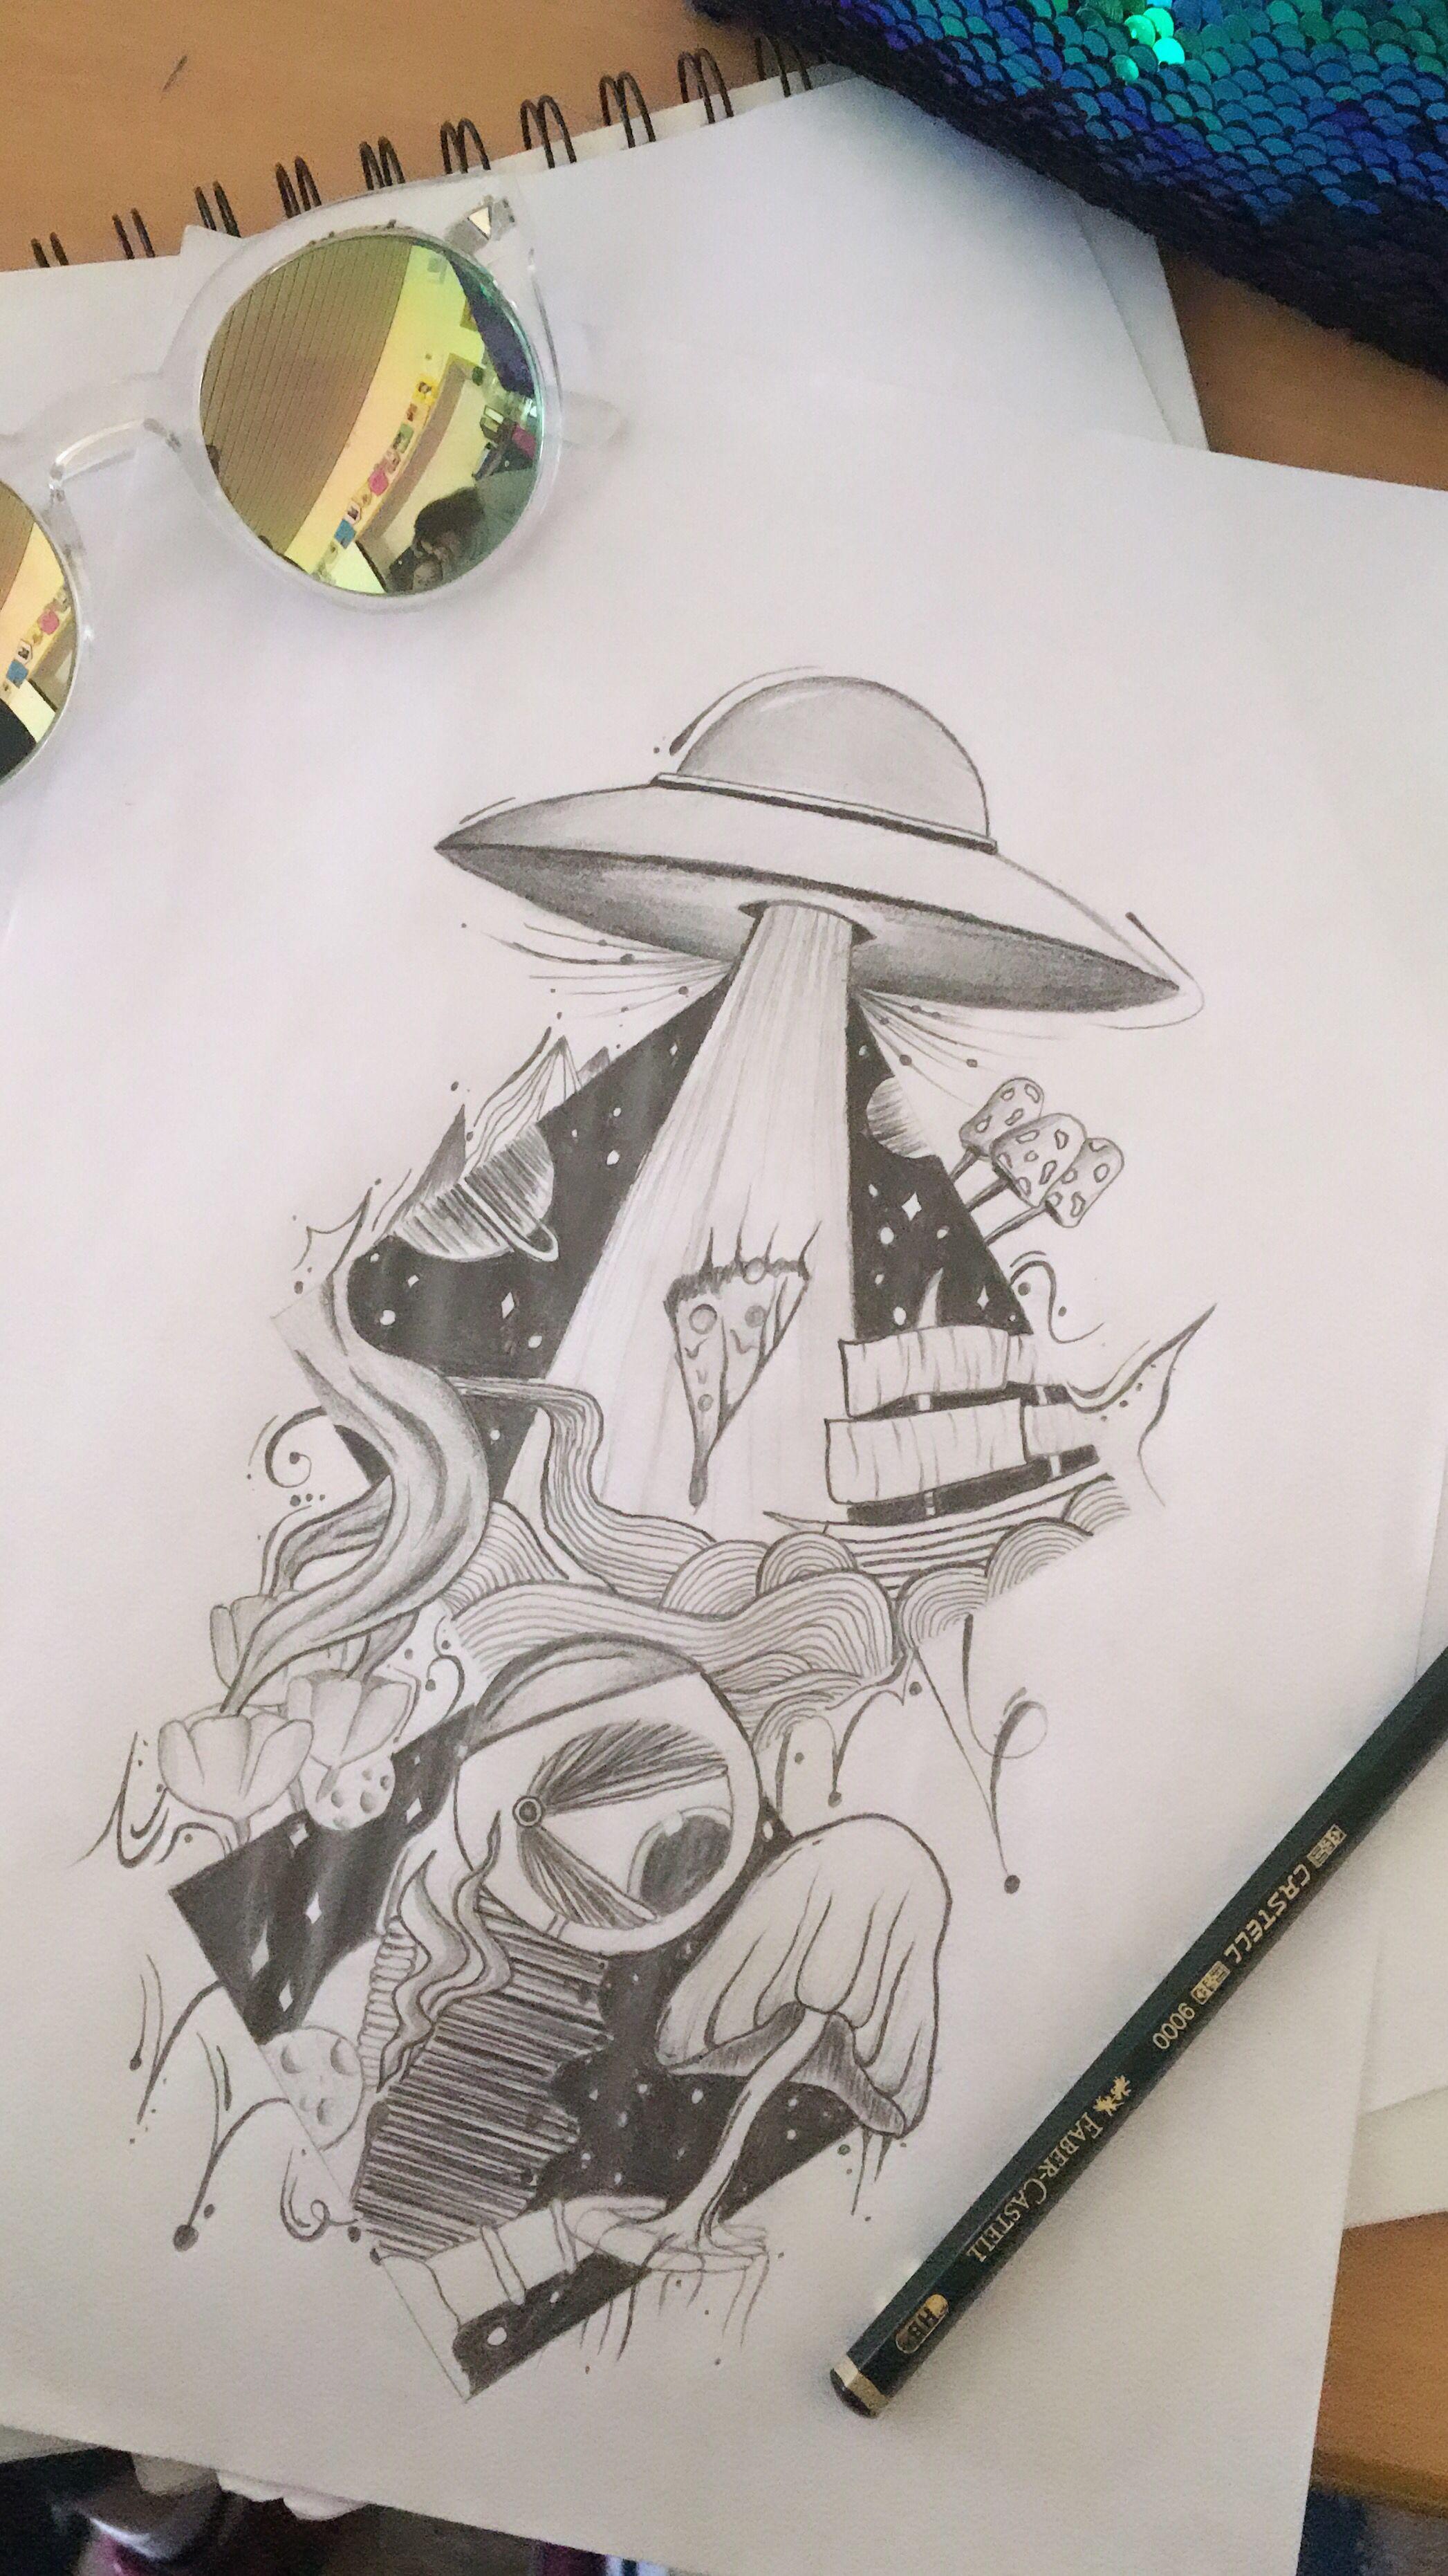 Skizze drawings ufo ufotattoo tattoo pizza draw cool art in